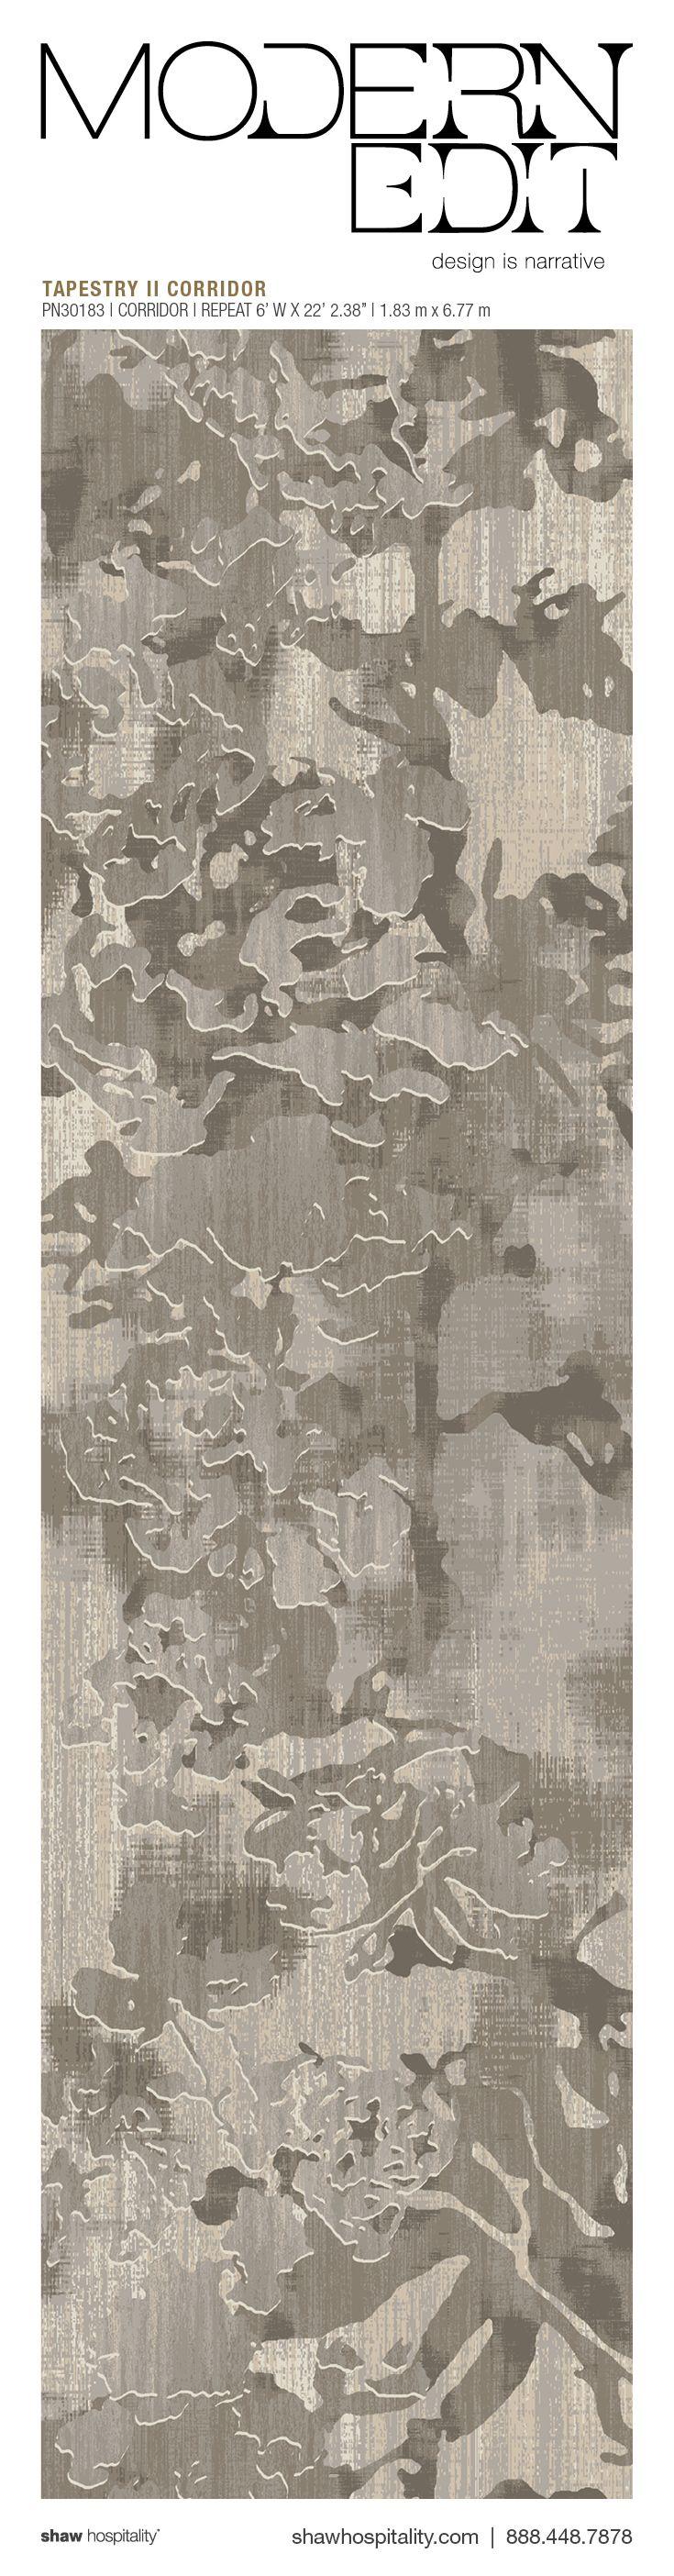 Tapestry ii corridor pn30183 pinterest - Corridor tapijt ...